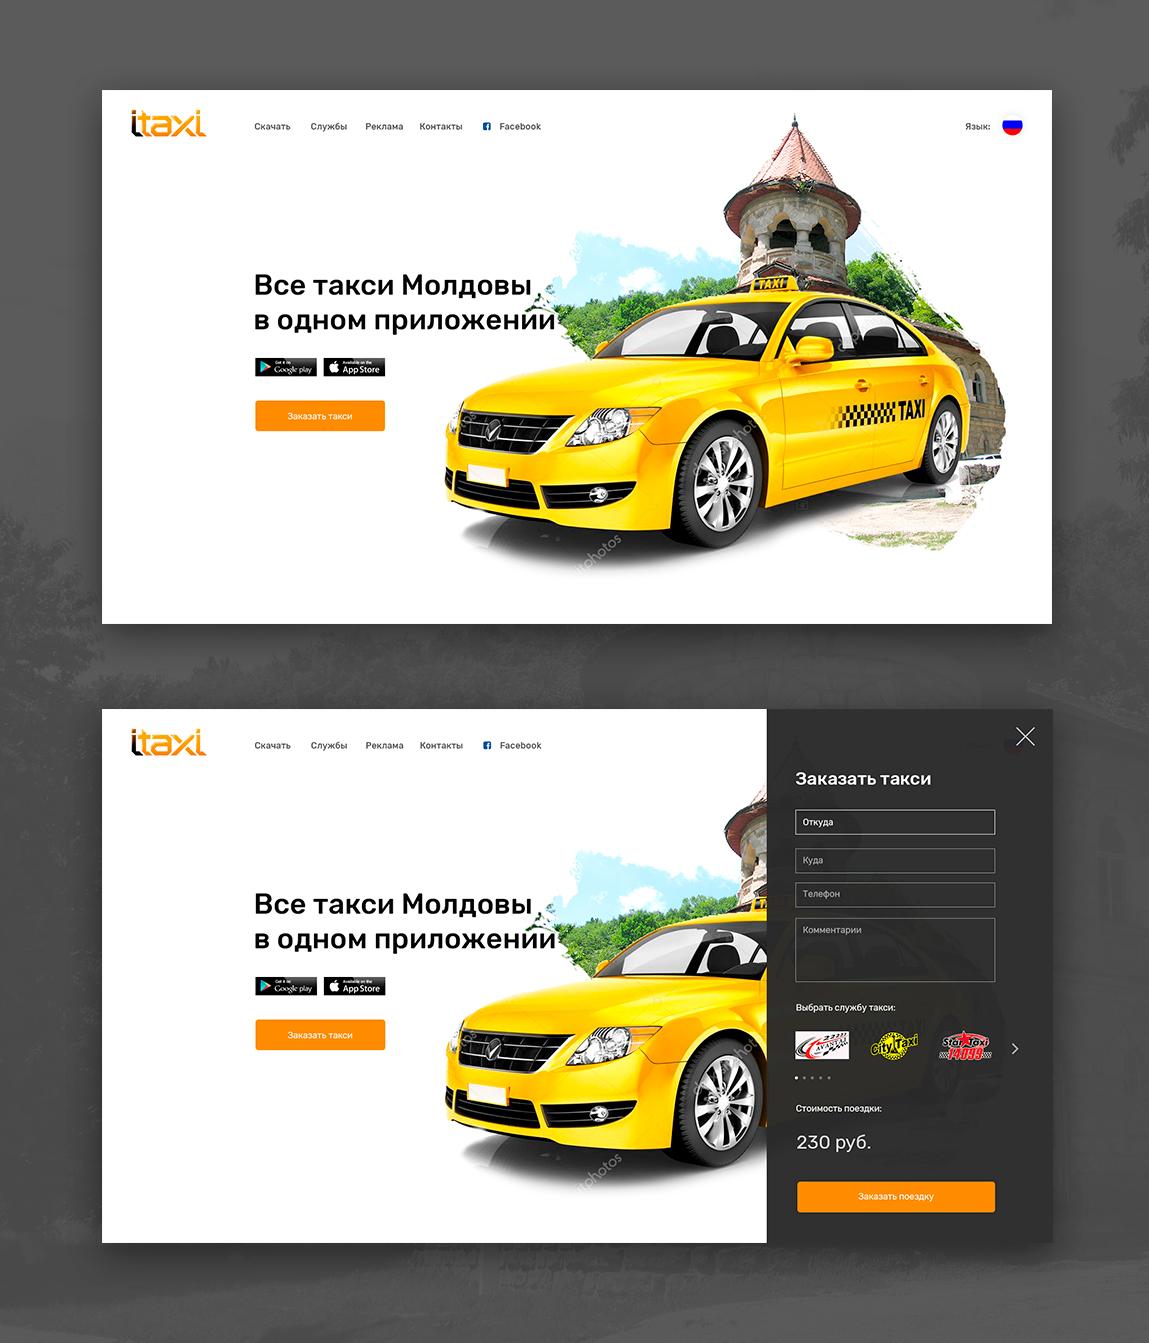 Редизайн сайта www.itaxi.md фото f_0665a0f2653162c3.jpg